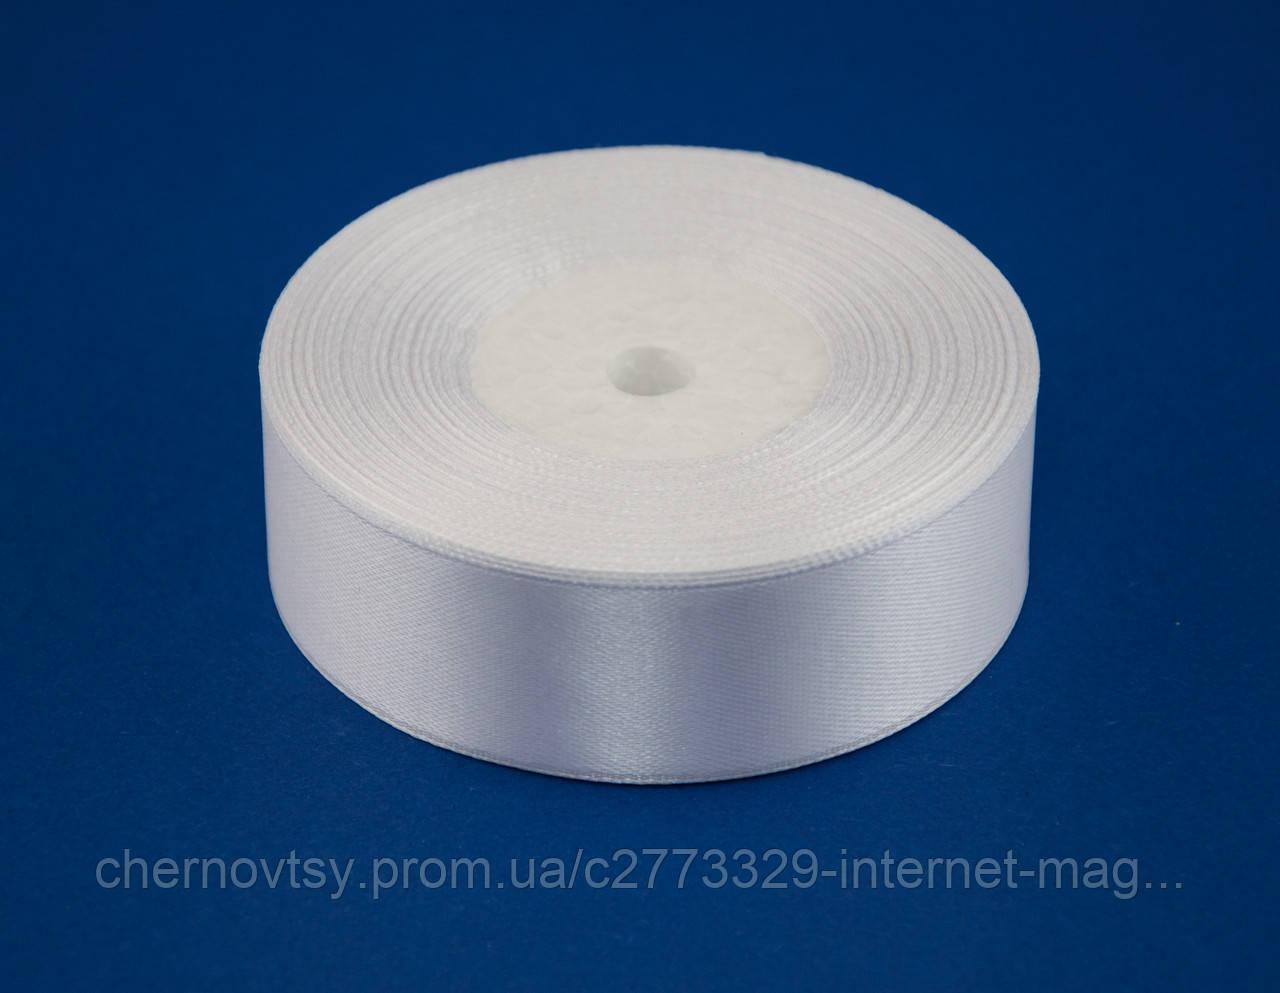 Стрічка атлас 1.2 см, 33 м, № 01 Біла